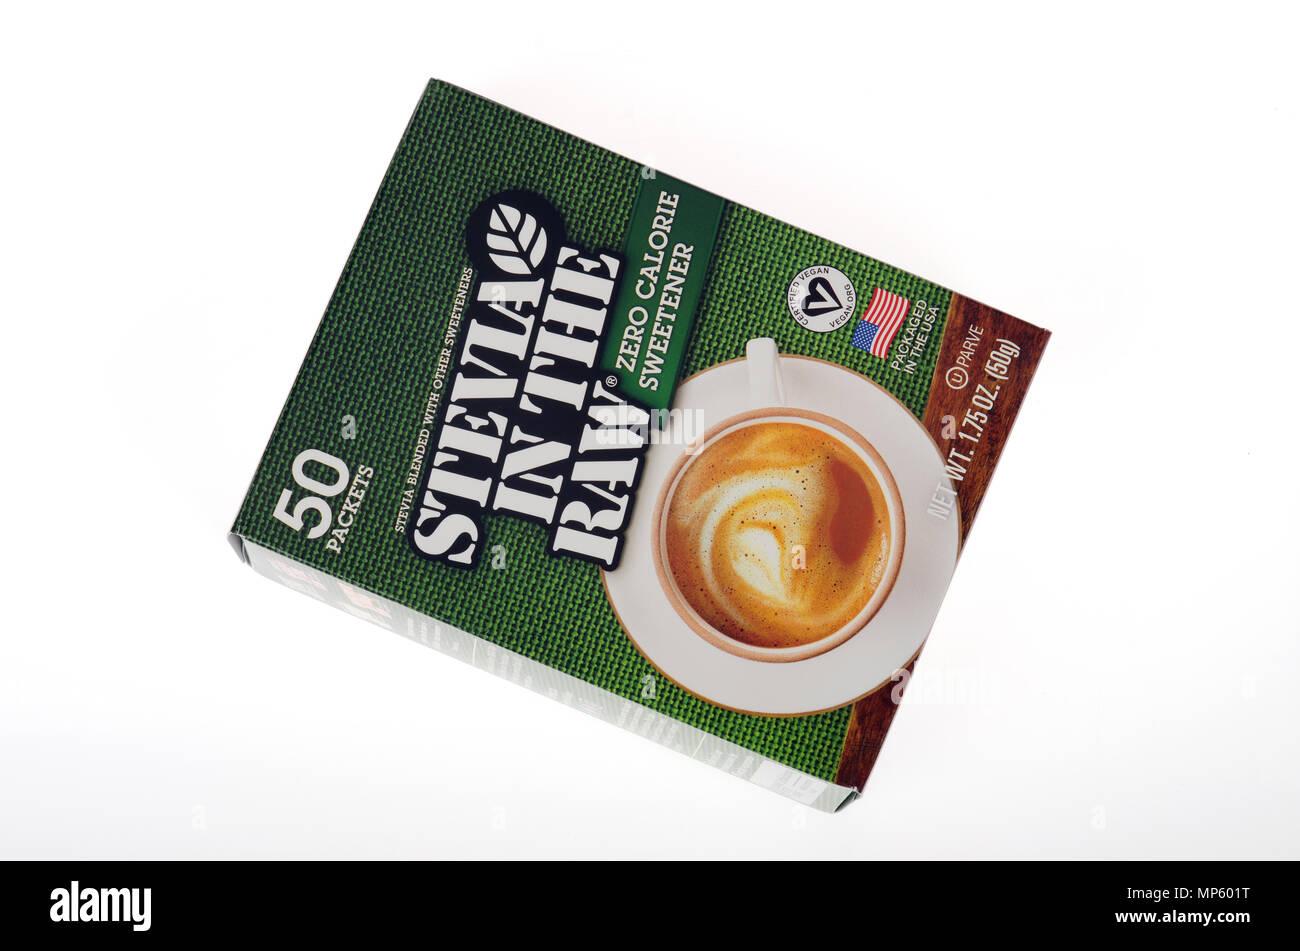 Box von Stevia in der Rohstoffe natürlicher Süßstoff Zucker alternative mit null Kalorien Stockbild